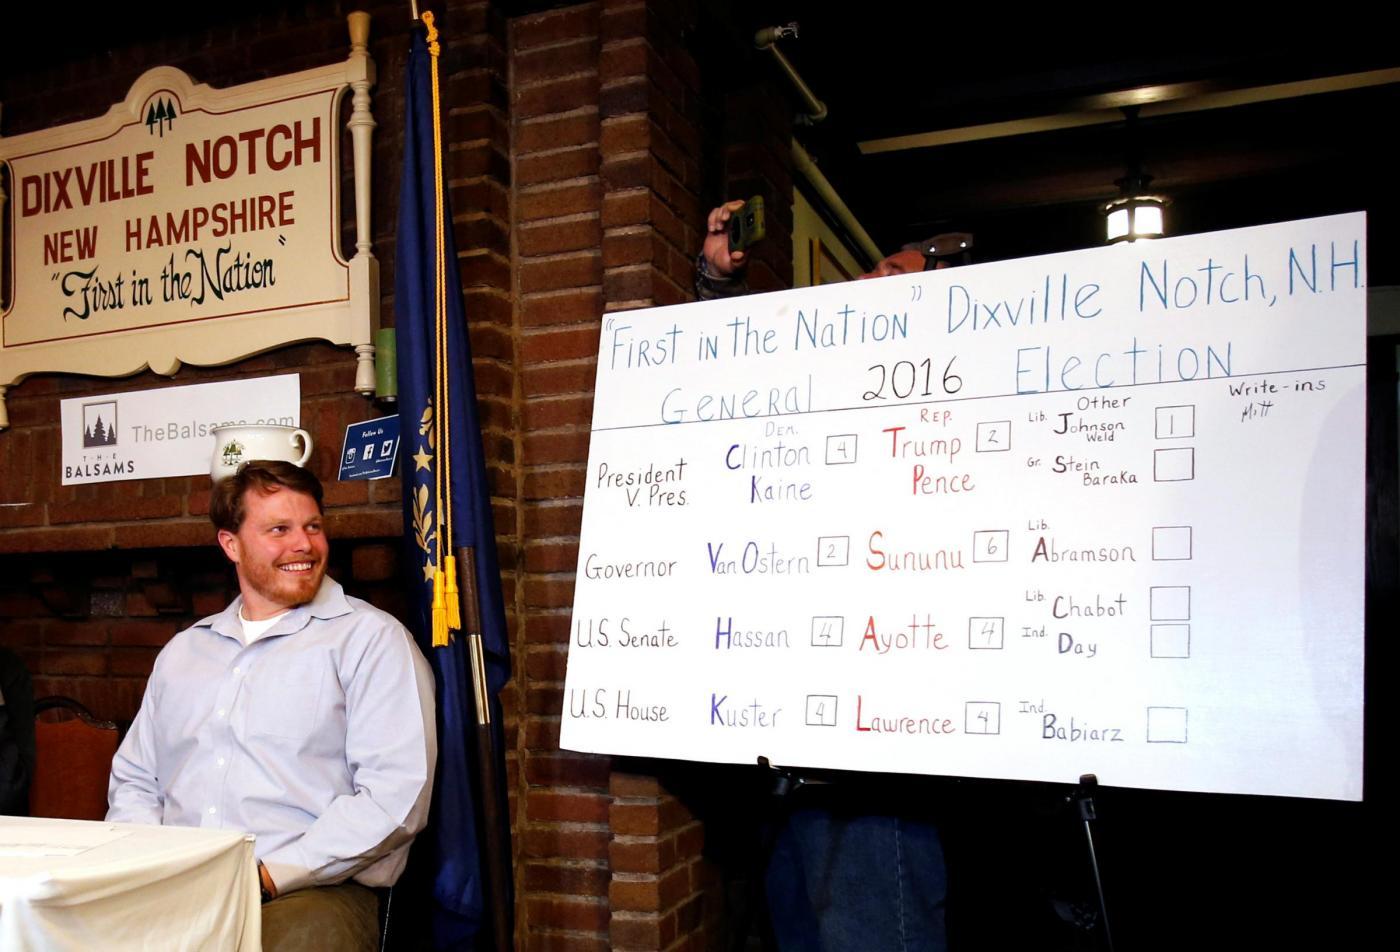 Presidenziali Usa, il primo paese a votare è Dixville Notch nel New Hampshire